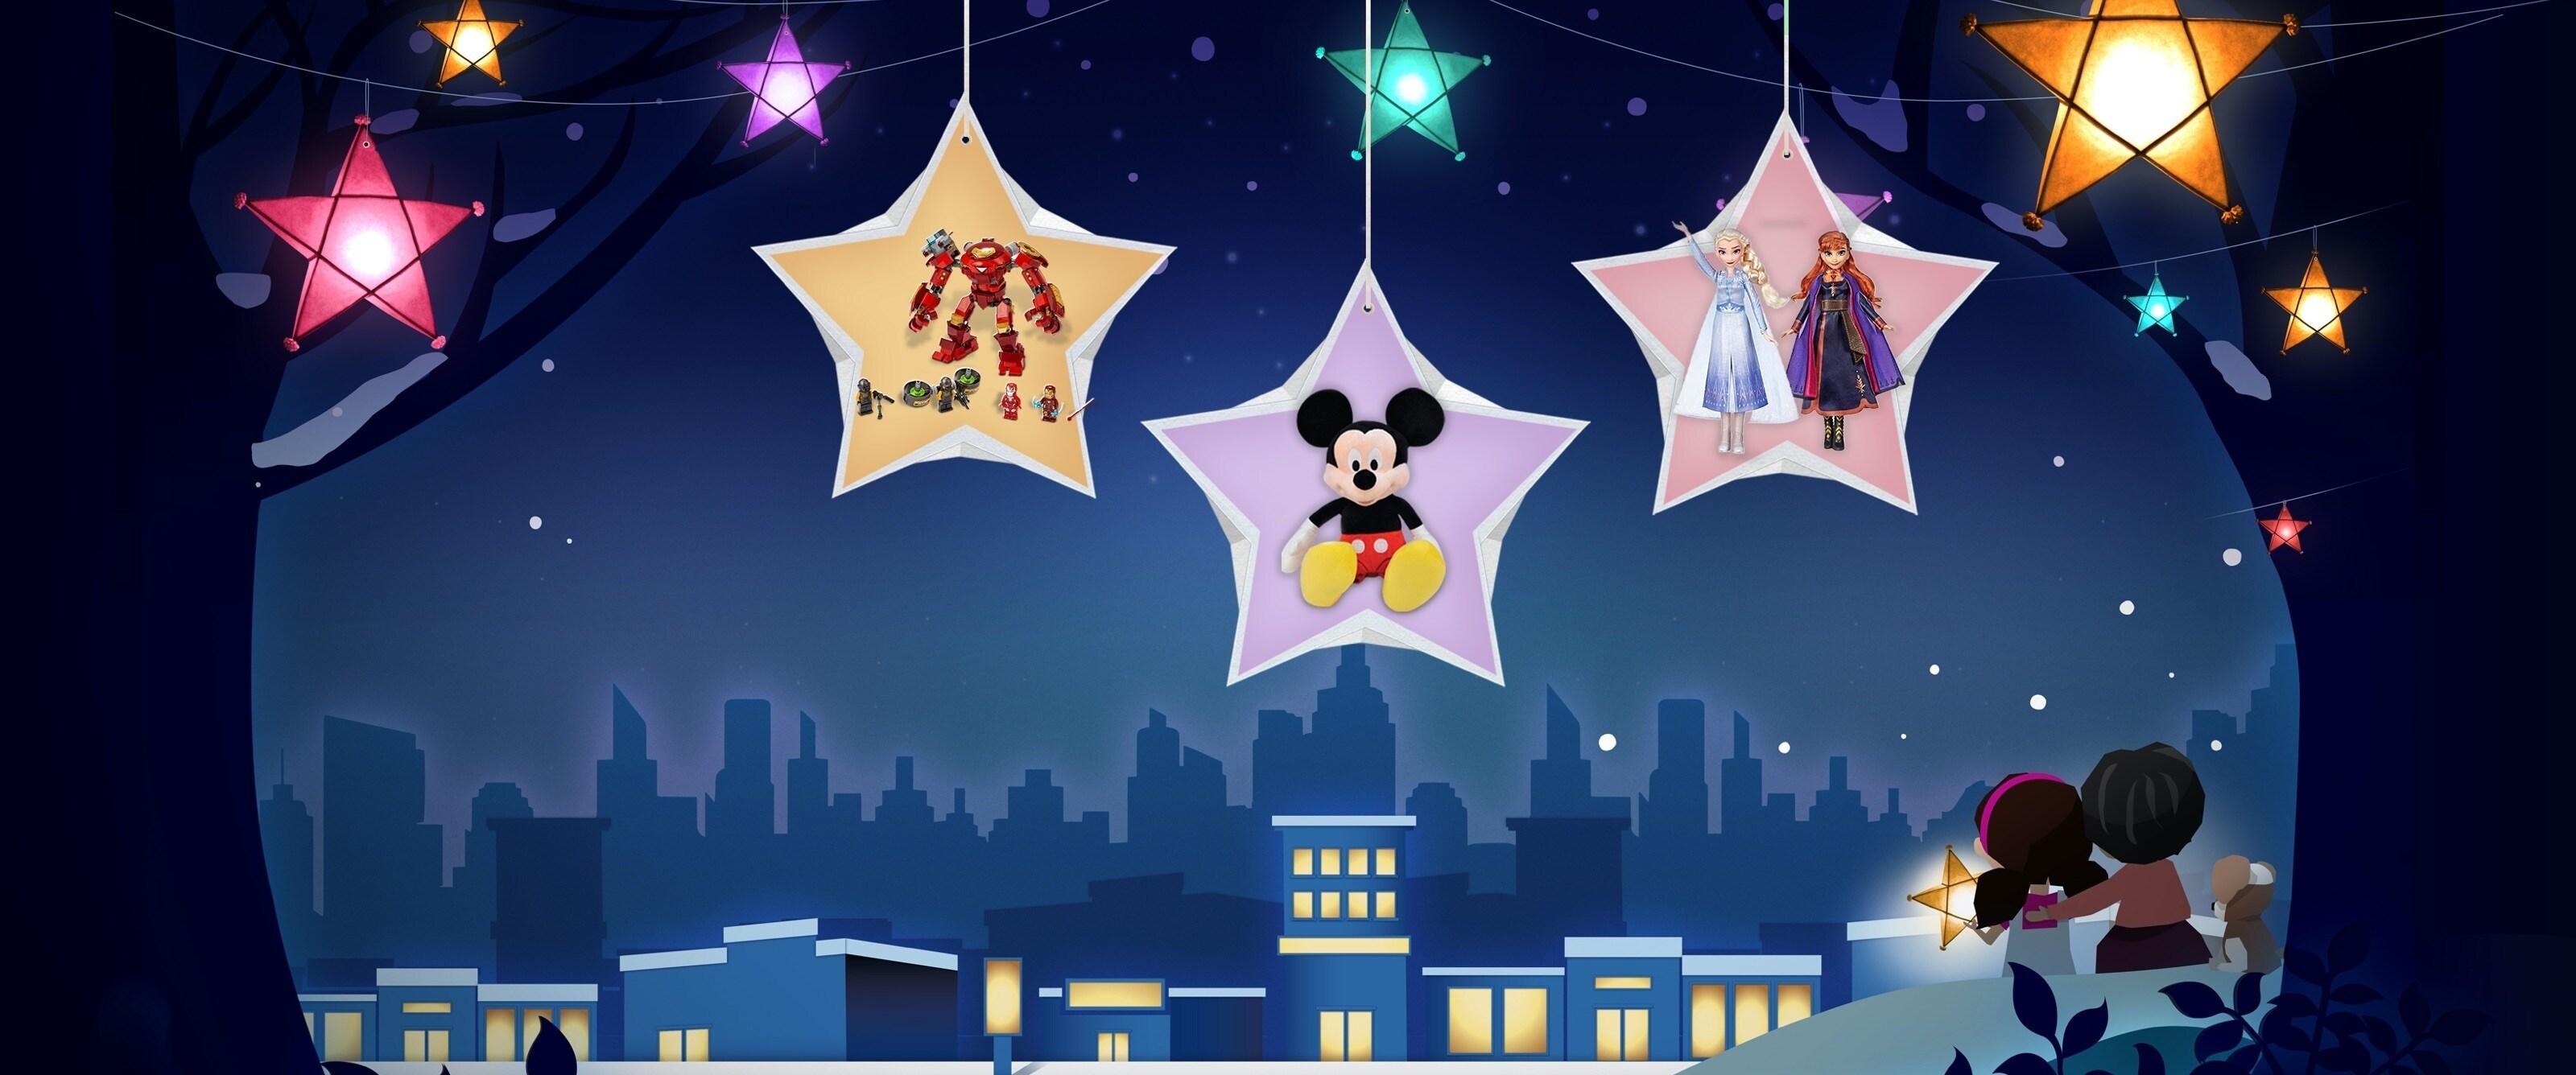 Disney'in sihirli dünyasından en iyi hediye seçimleri